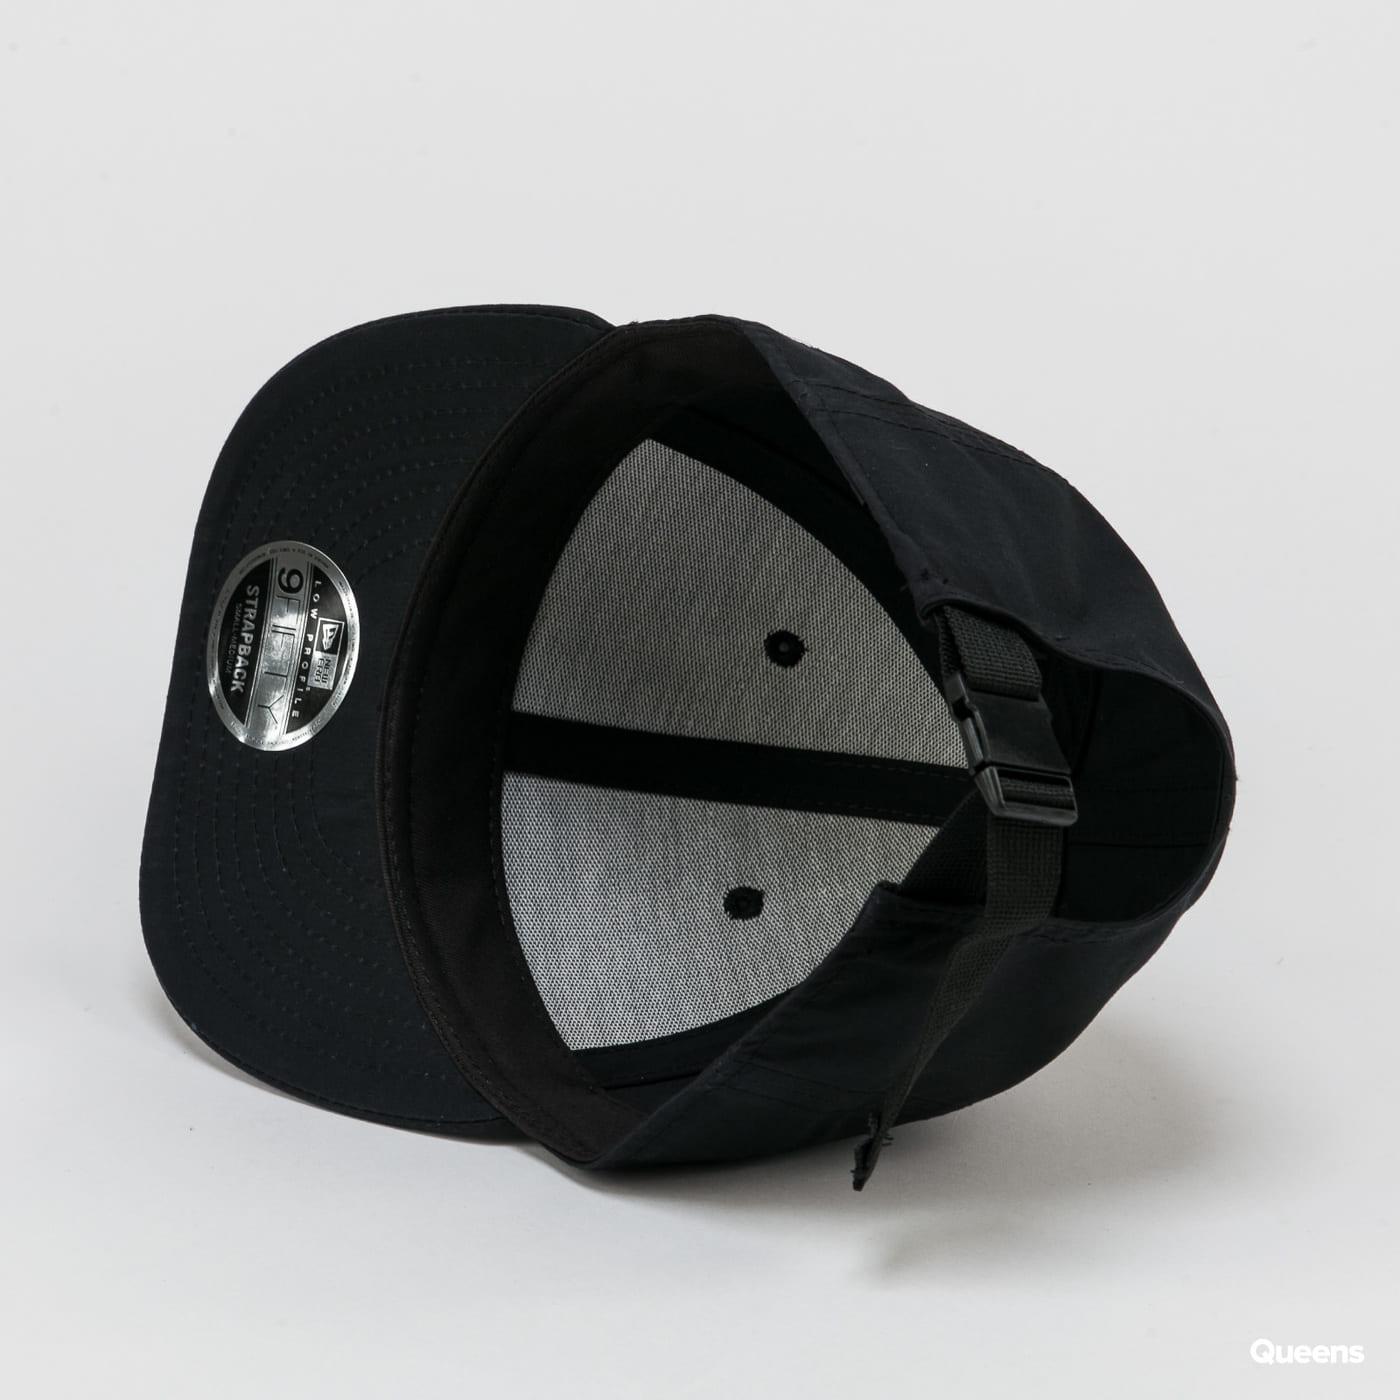 New Era 950 Ventile Low Pro New Era černá